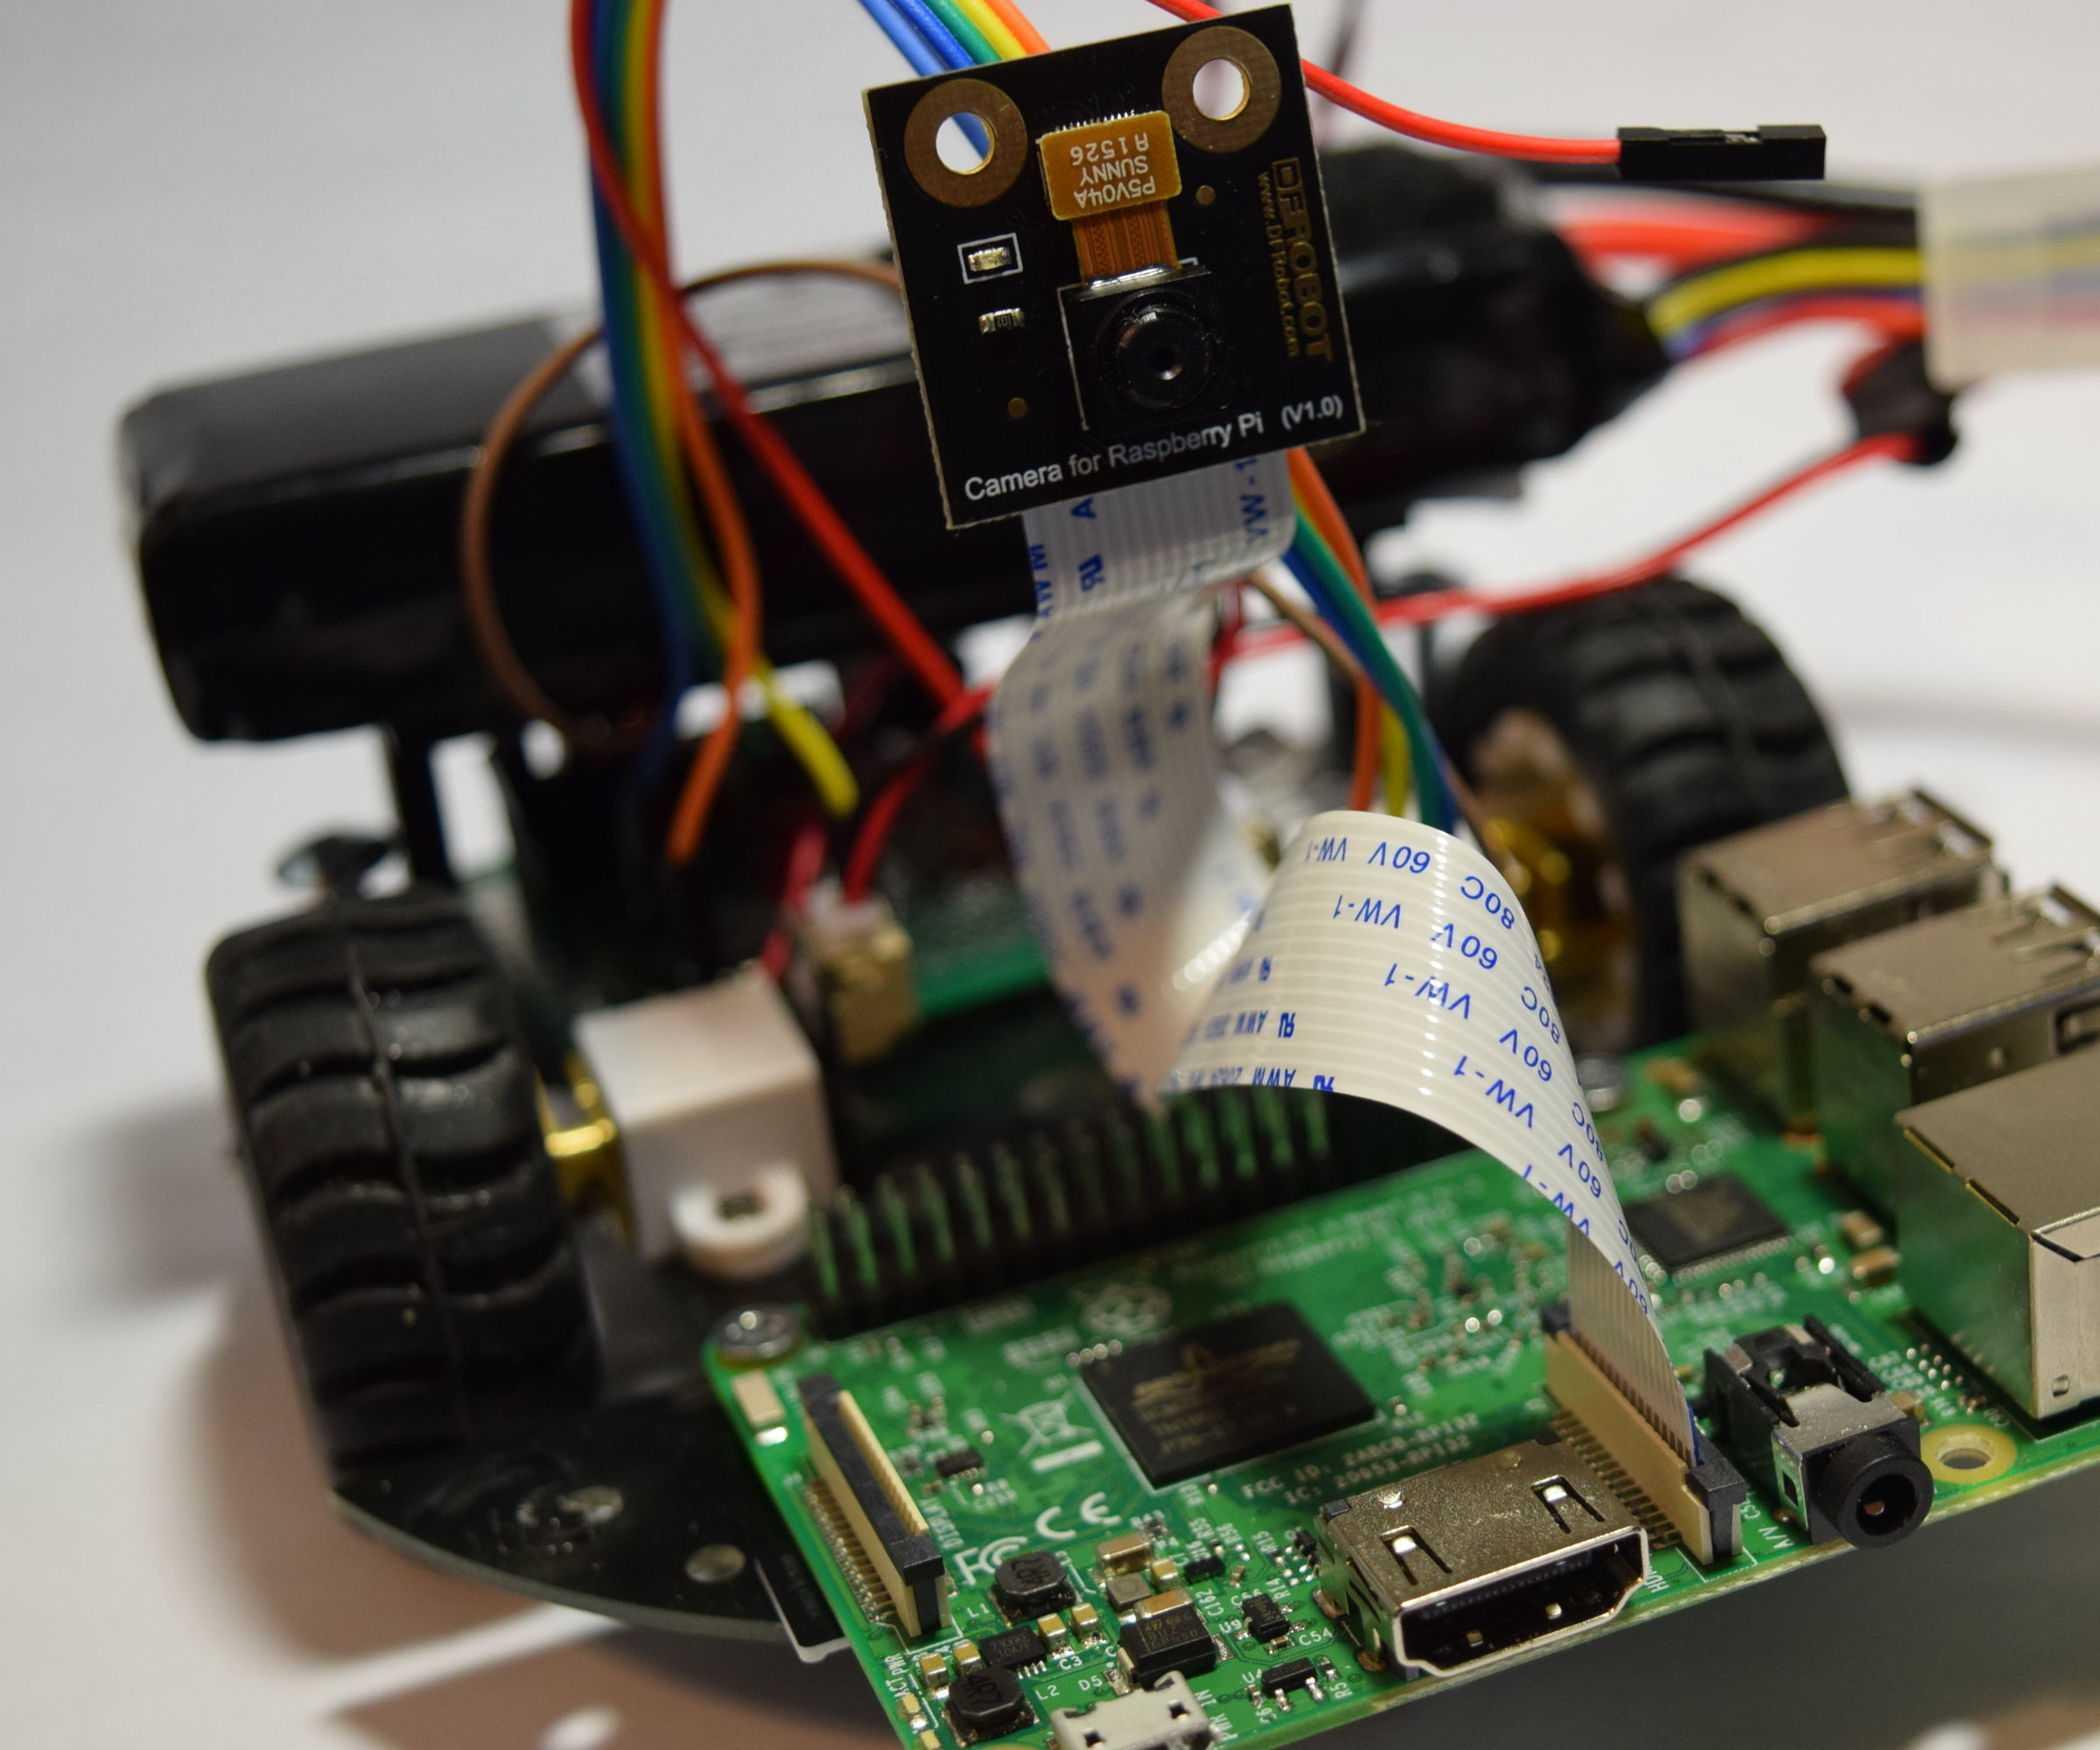 Выпущен крошечный компьютер дешевле и лучше raspberry pi 4. видео - cnews